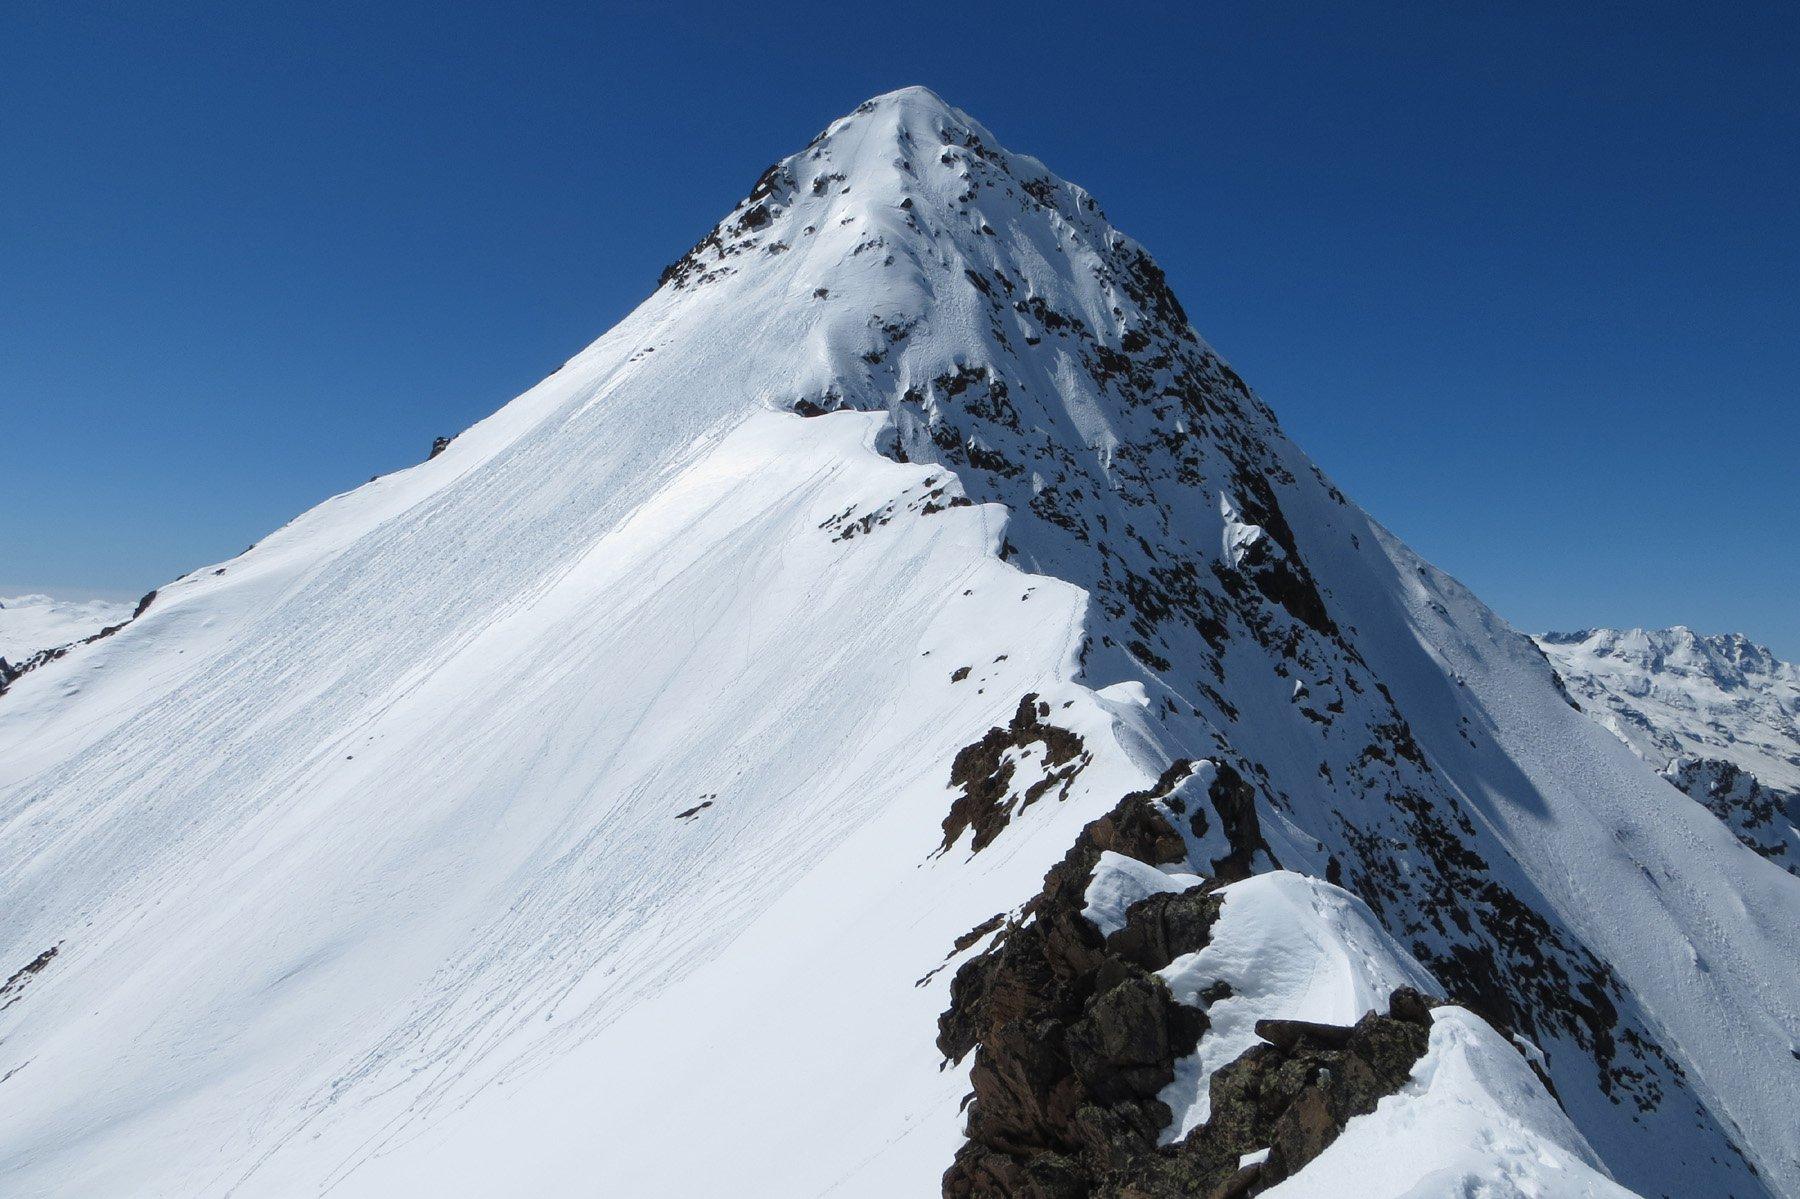 la cuspide terminale vista dalla cresta verso la Valaisan